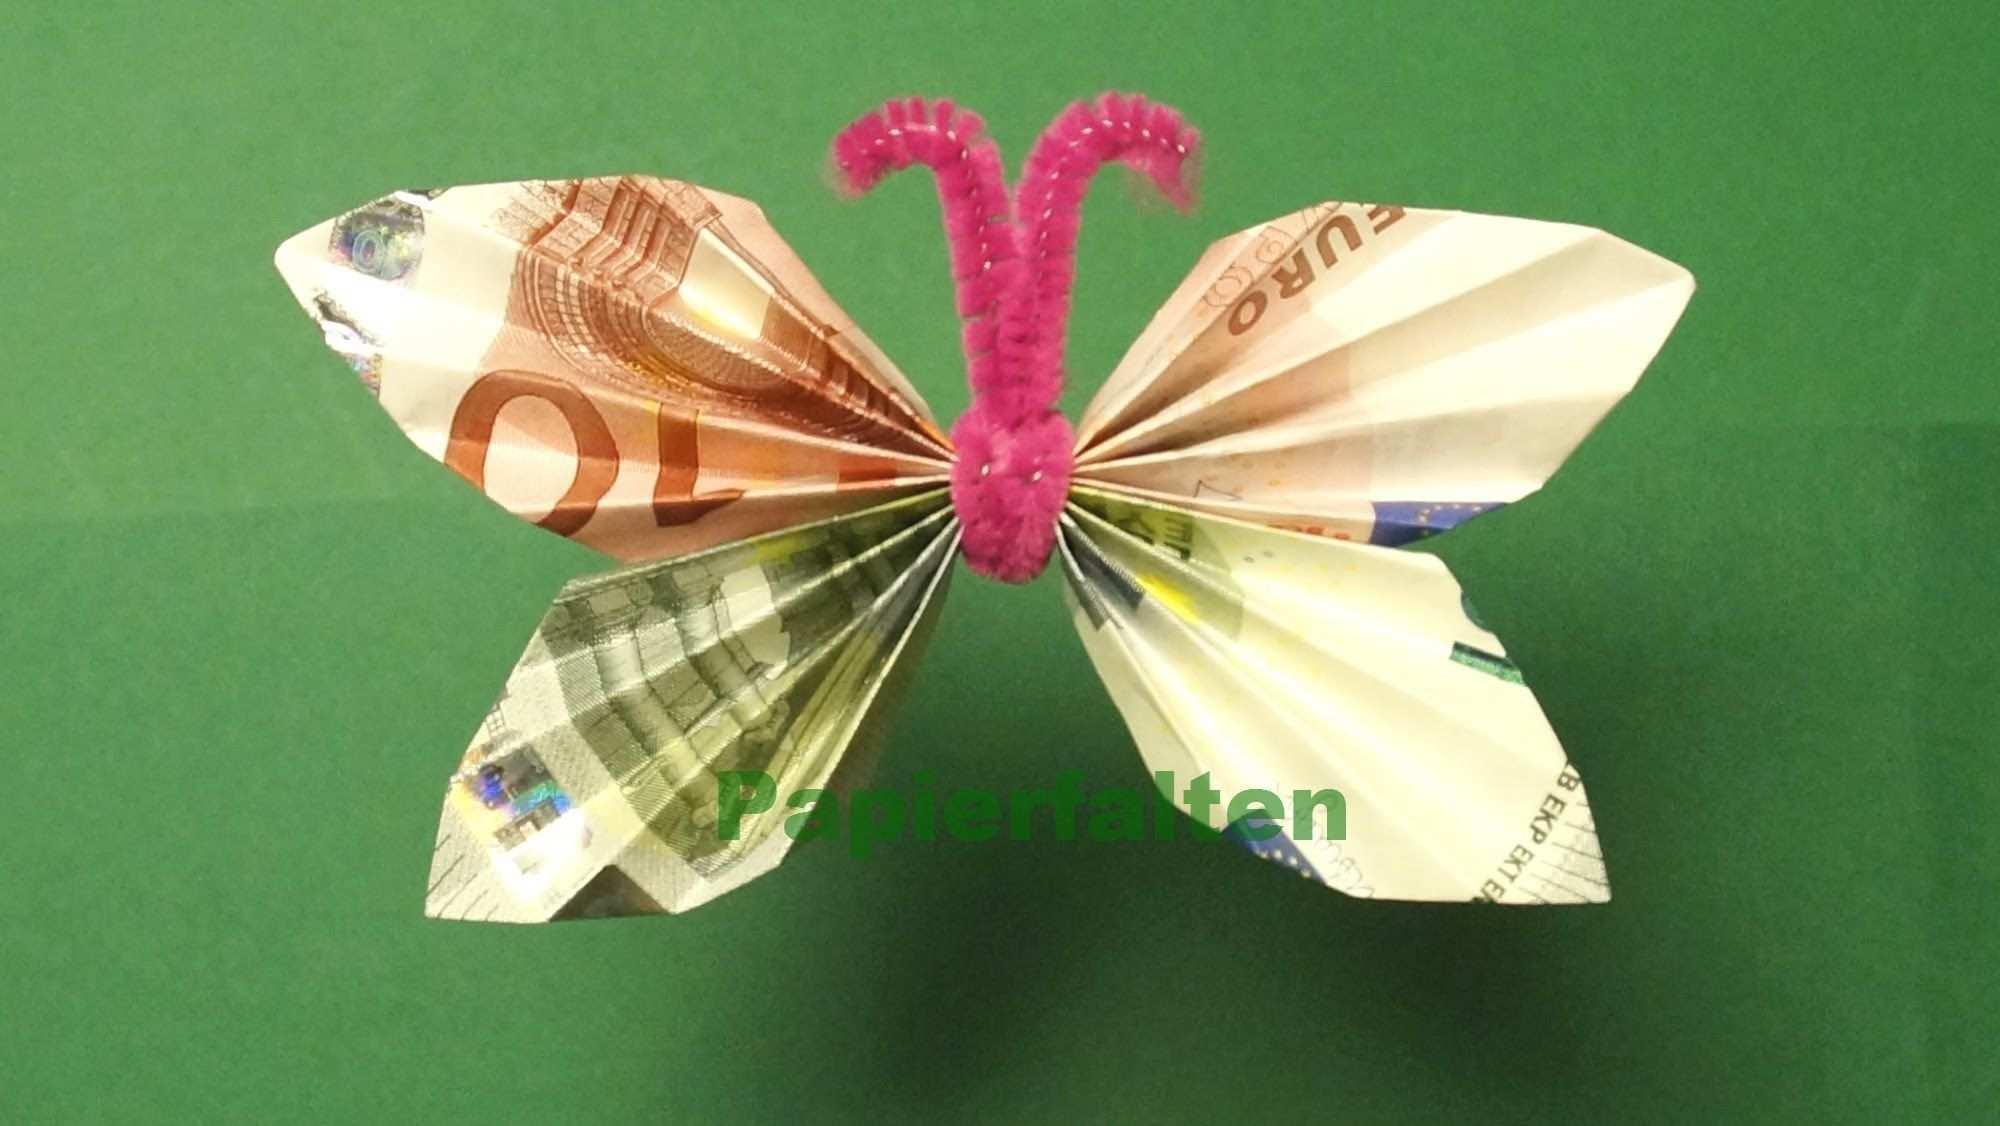 Geldgeschenke Basteln Geldscheine Falten Schmetterling Ihr Benotigt Fur Dies Geld Falten Schmetterling Geldscheine Falten Schmetterling Geldgeschenke Basteln